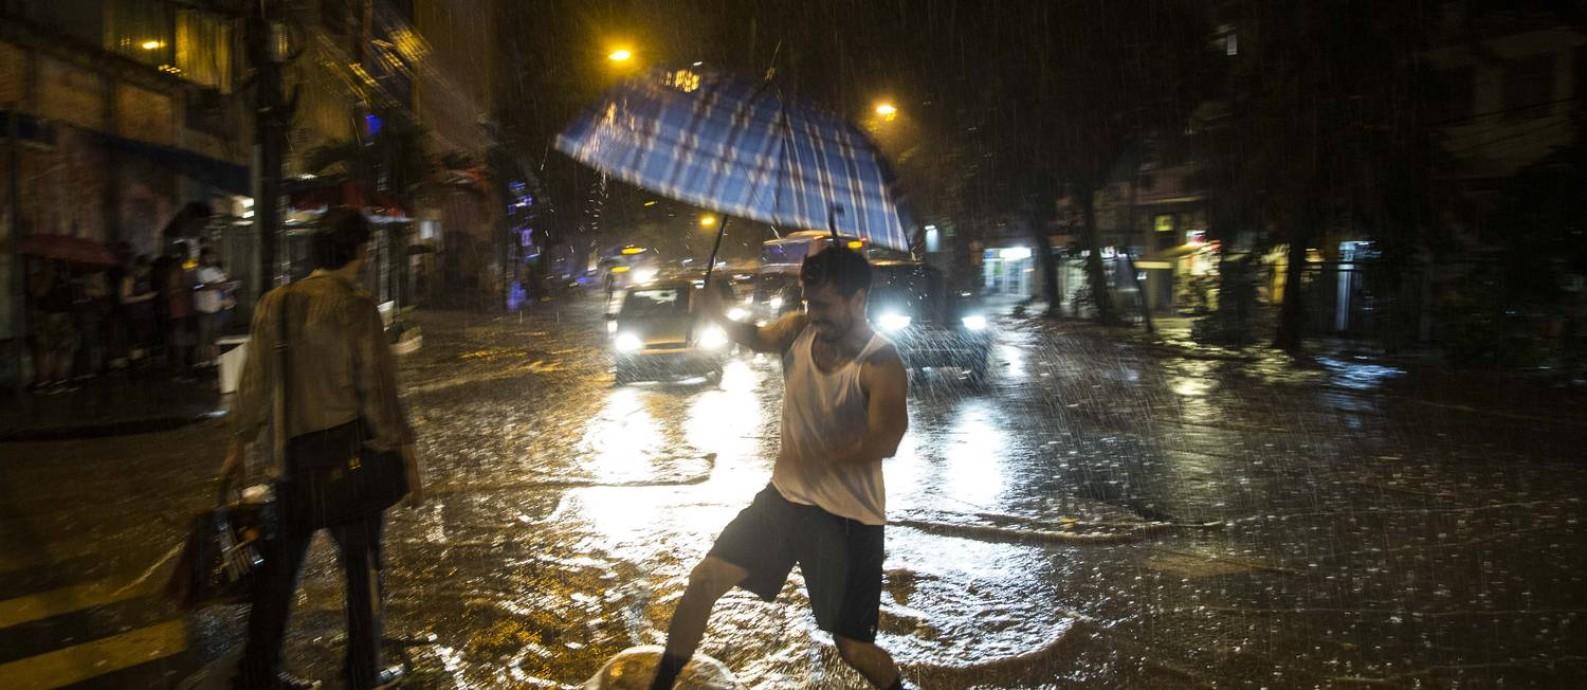 ace7edb41bc Estágio de crise  chove forte no Rio e há ruas alagadas pela cidade ...